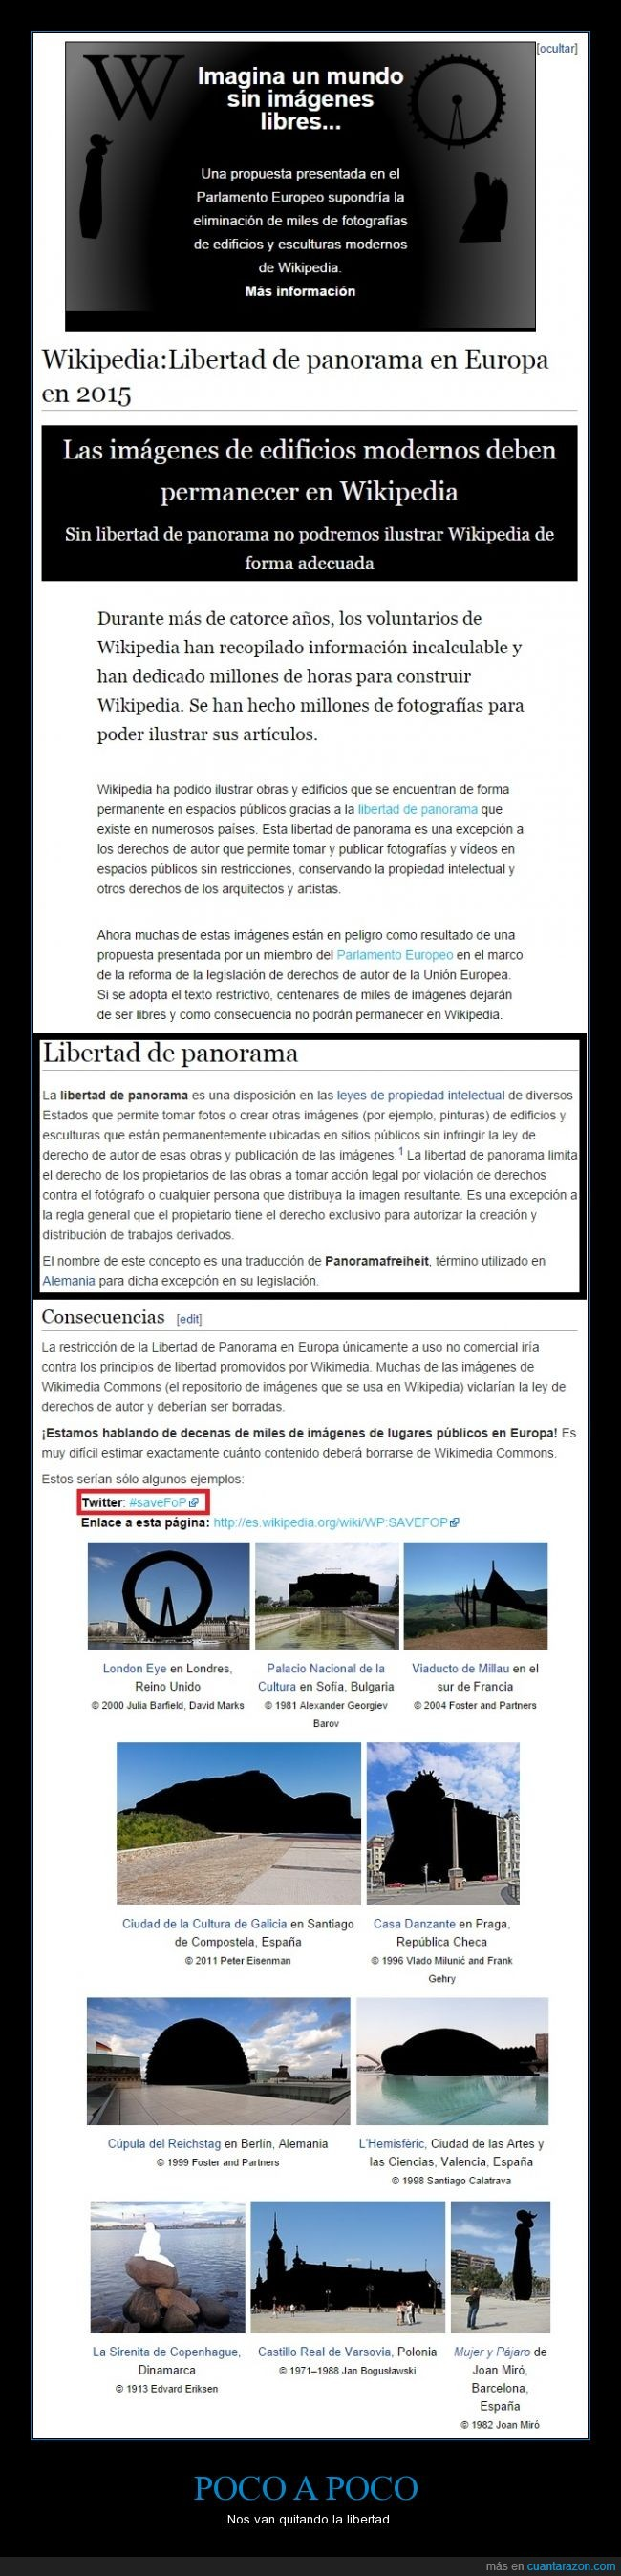 edificio,escultura,europa,libertad,monumento,mordaza,panorama